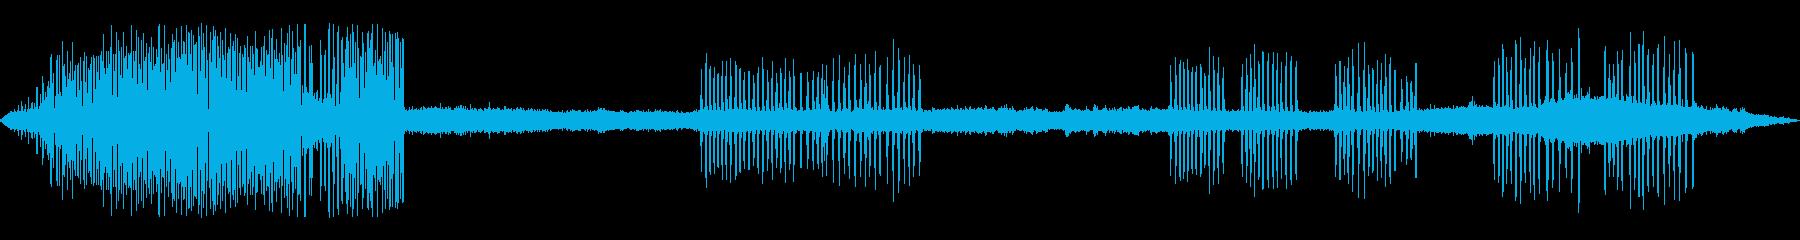 カエルの鳴き声-5の再生済みの波形